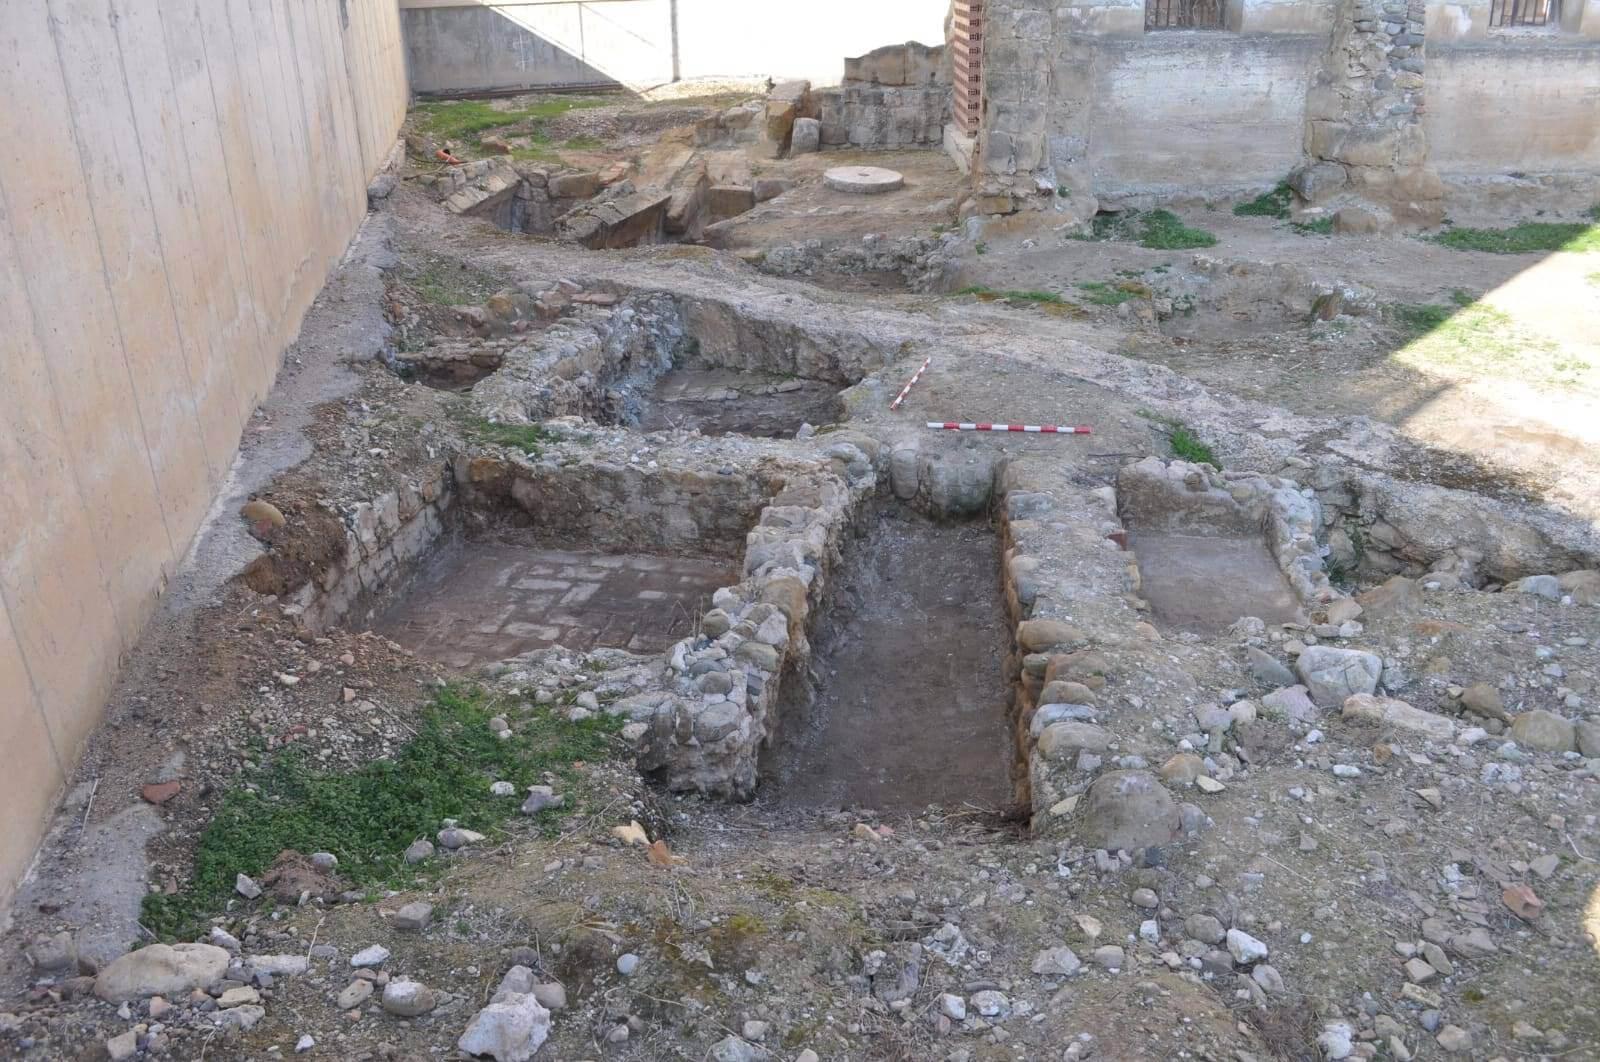 Proyecto para la limpieza y conservación del entorno del sitio arqueológico del Monasterio de Castellón en Fitero (Navarra).